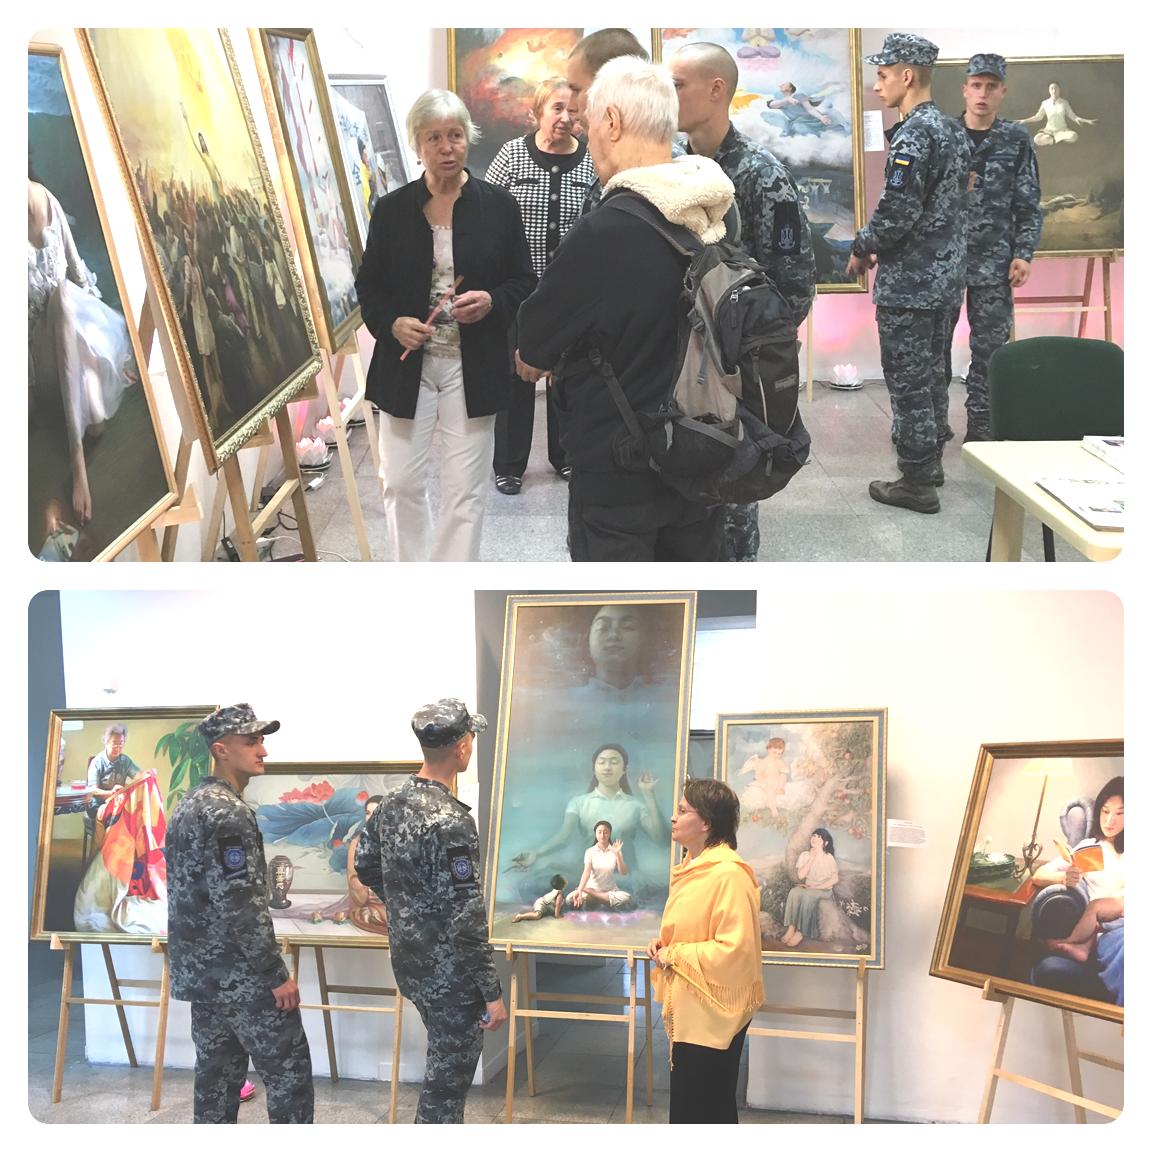 Картини відображають красу вдосконалення людини по східній практиці Фалуньгун і жорстокість репресій послідовників Фалунь Дафа у Китаї з боку комуністичної партії, через які багато художників самі пройшли